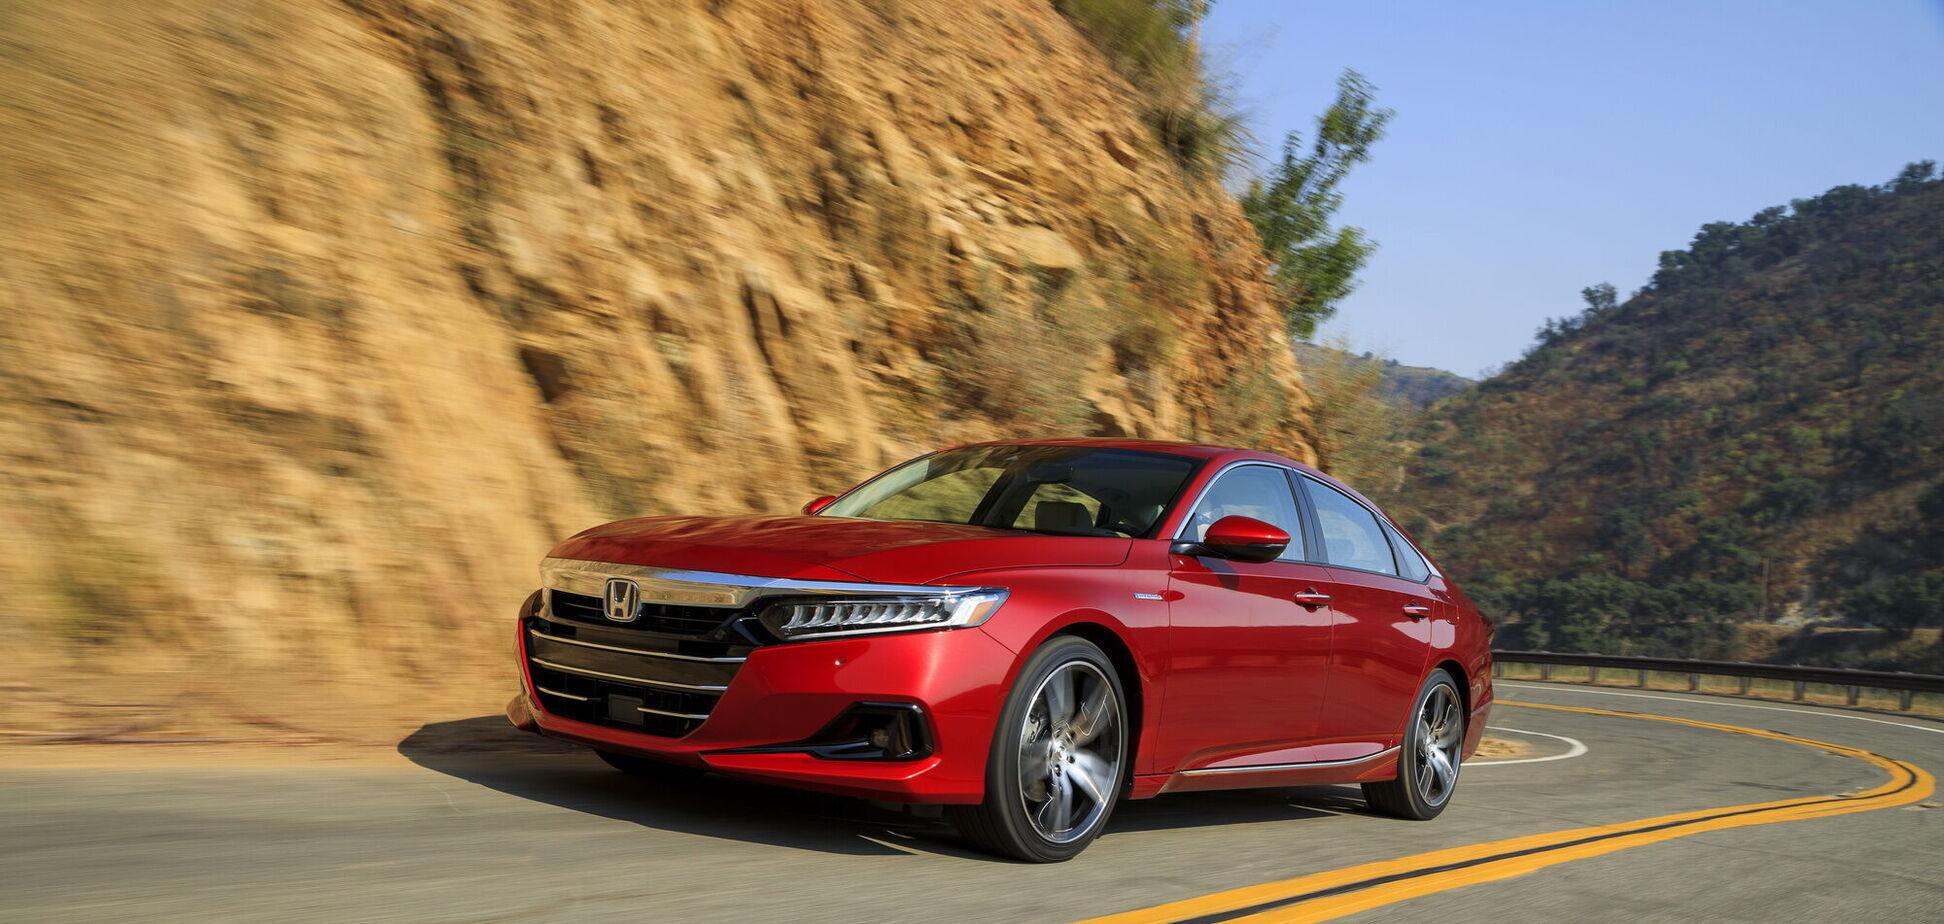 Honda Accord позбулася 'механіки' та отримала спортивну версію